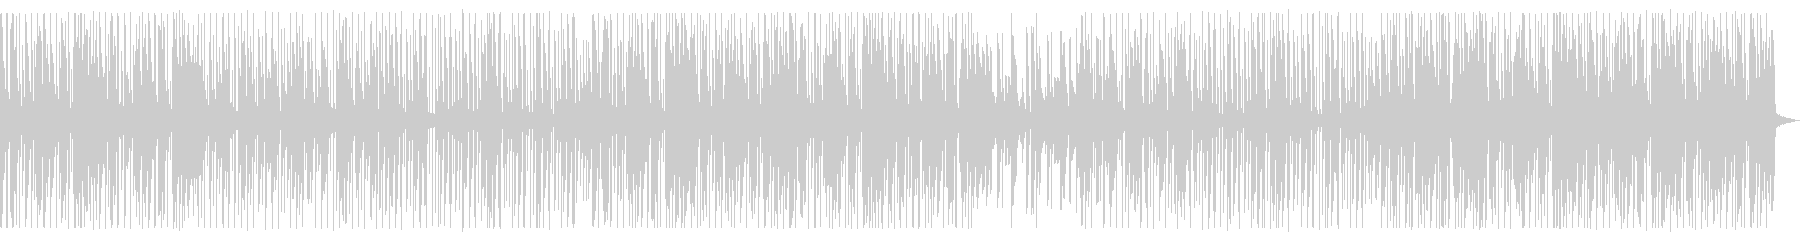 都会/ヒップホップ_No453_1の未再生の波形